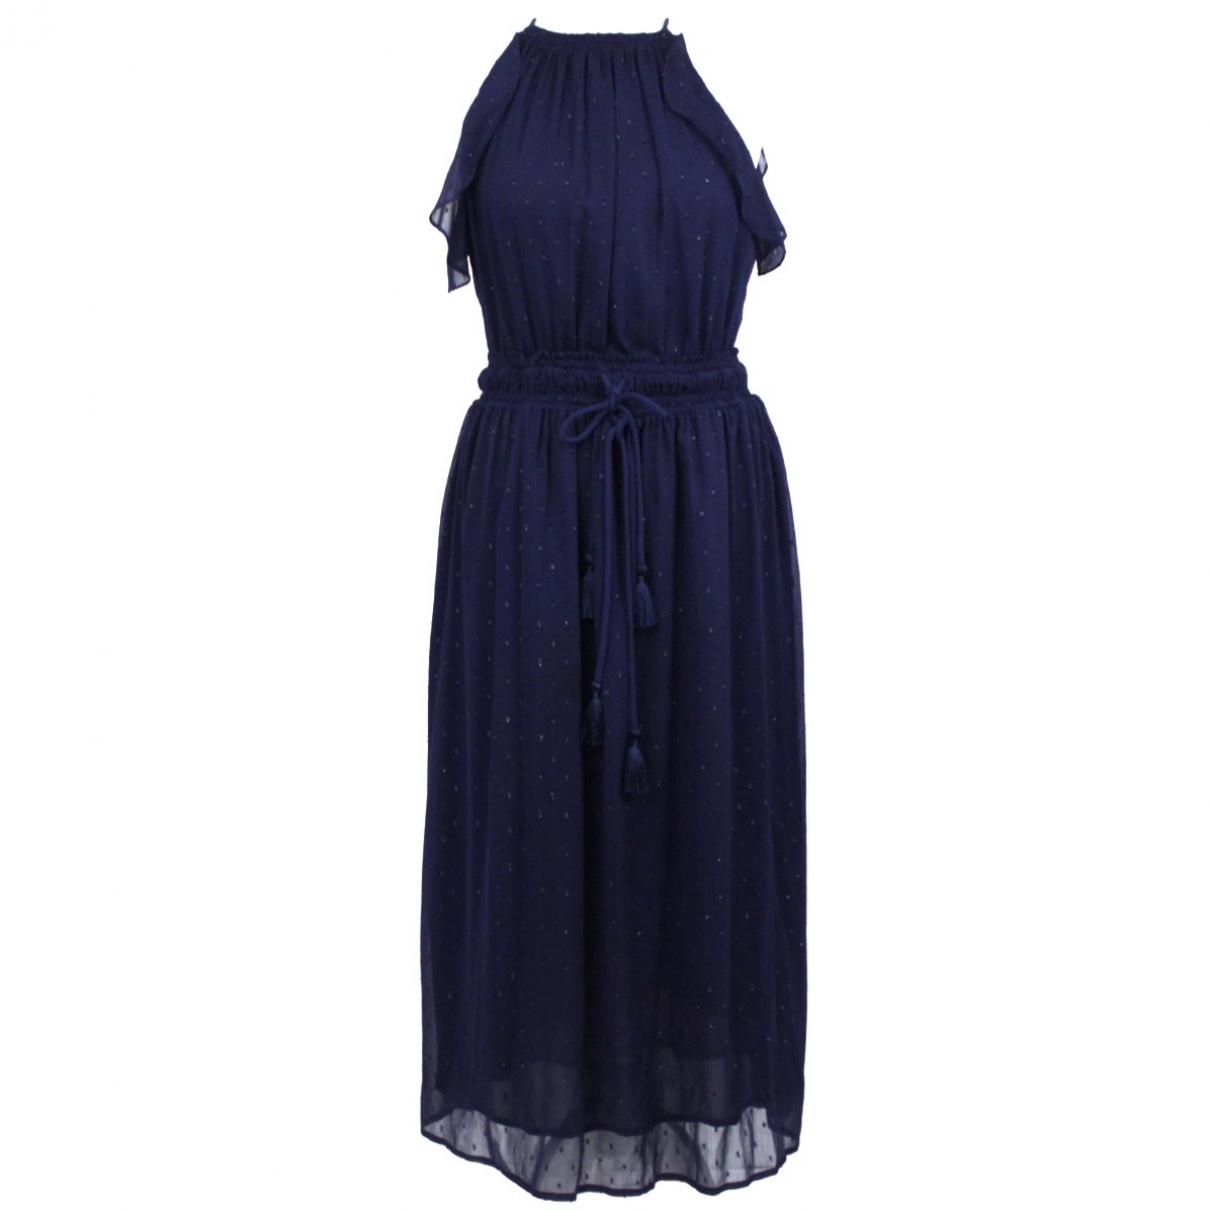 Michael Kors \N Kleid in  Marine Polyester